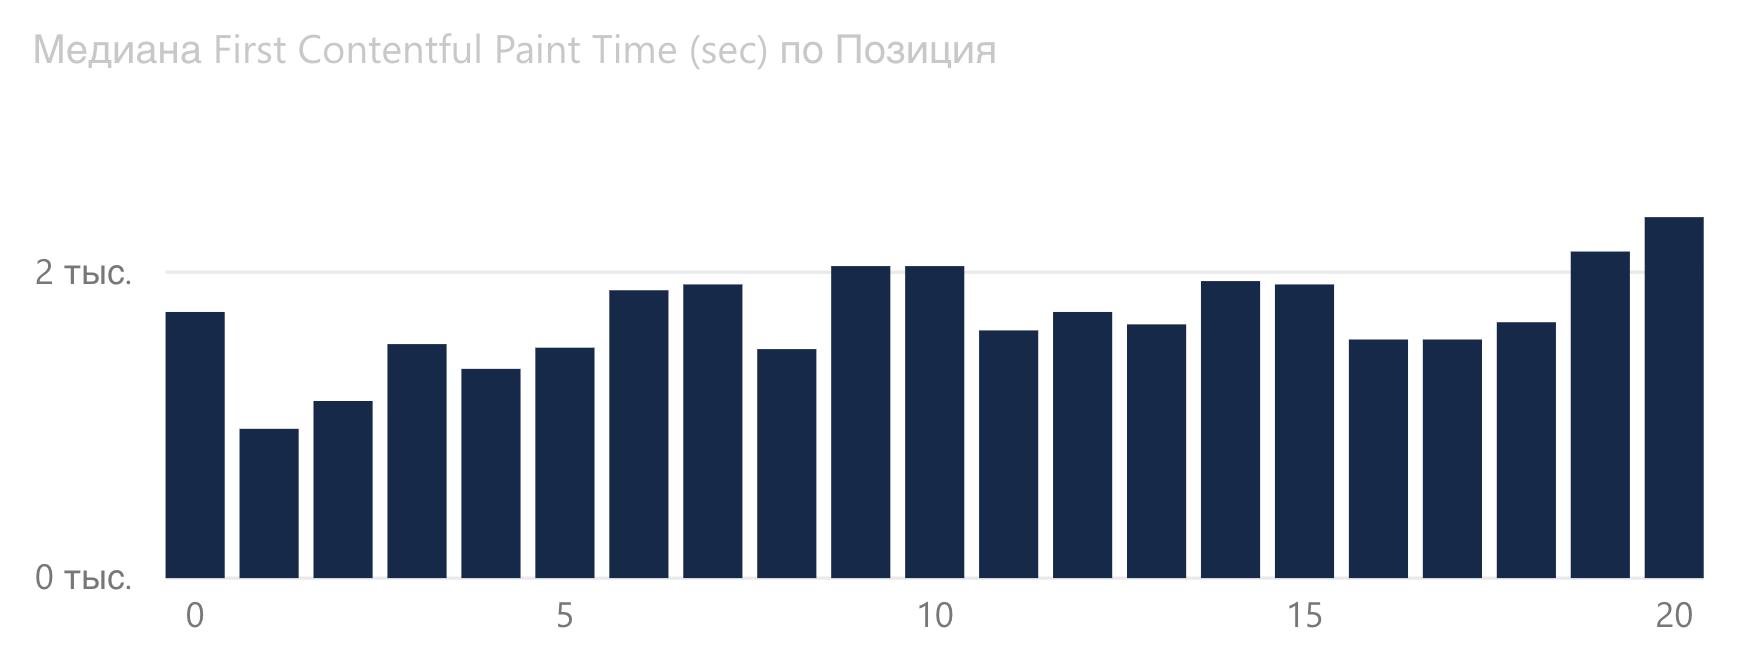 График зависимости First Contentful Paint от позиции Google в финансовой сфере.